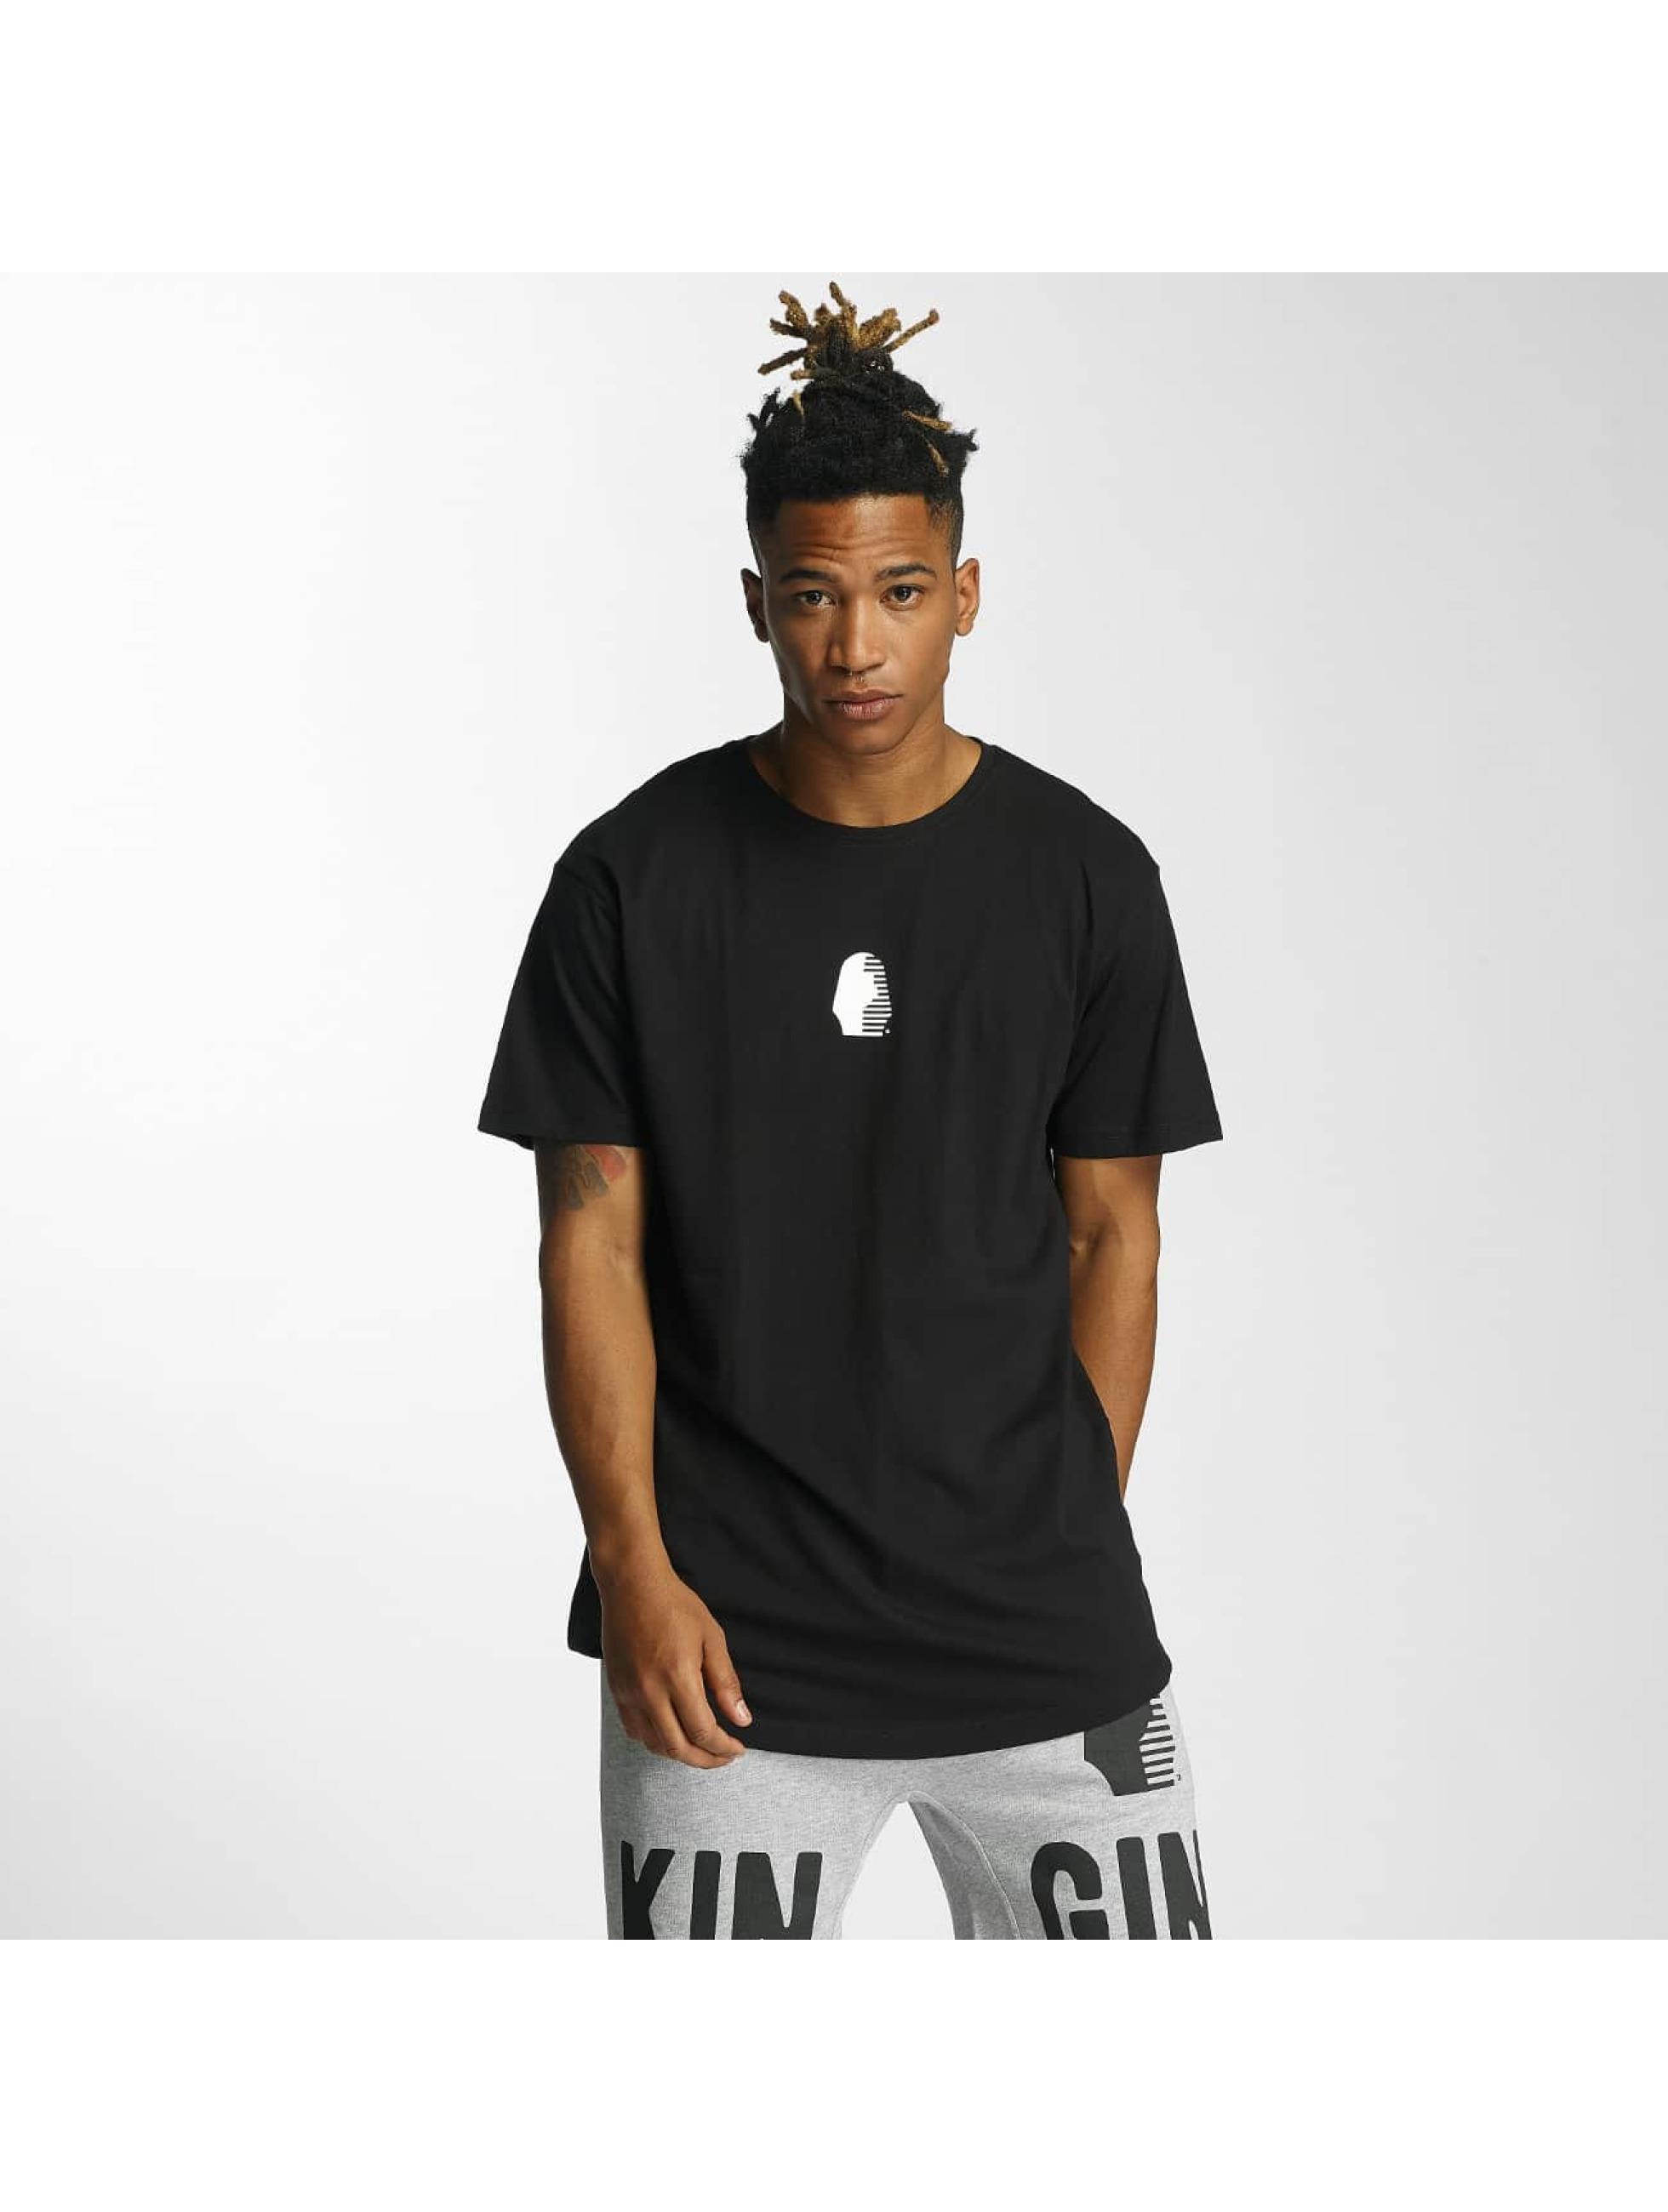 Kingin Männer T-Shirt Comp. in schwarz